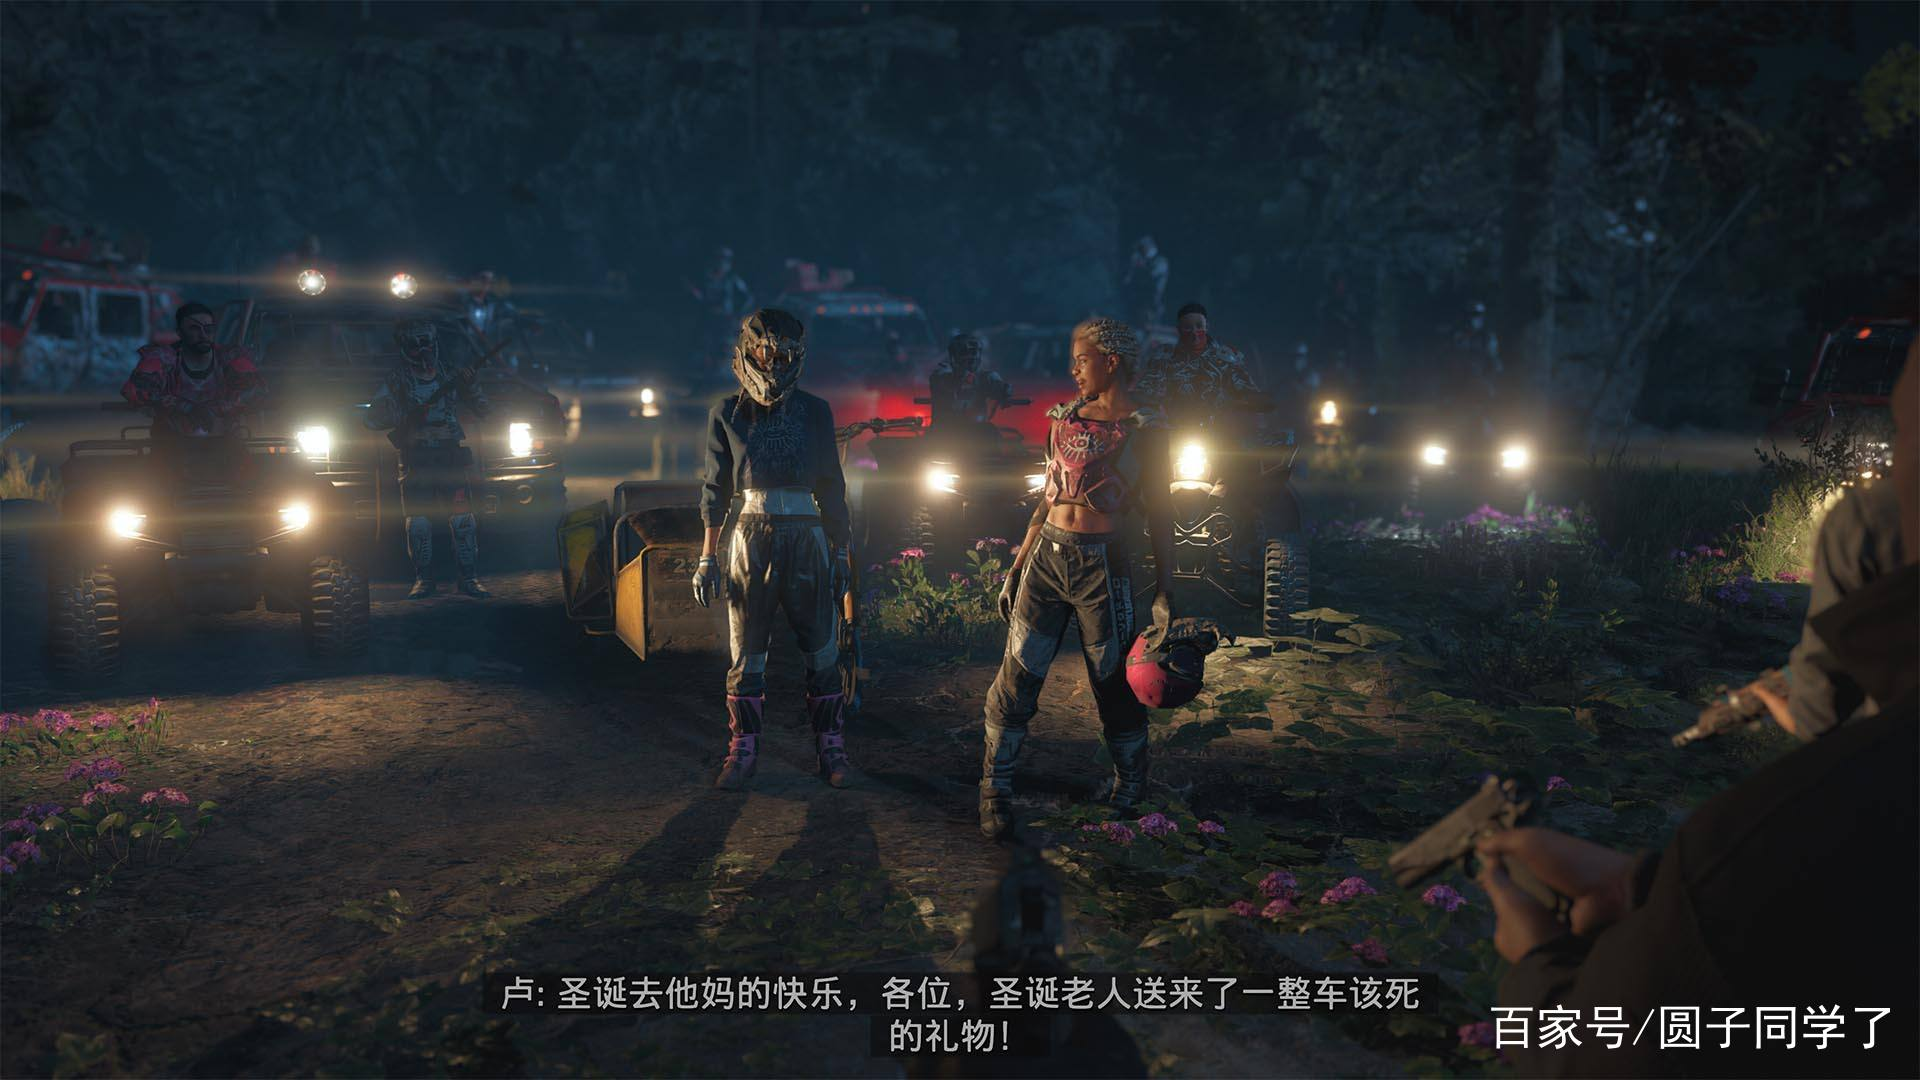 育碧新品孤岛惊魂:新曙光正式上线图片